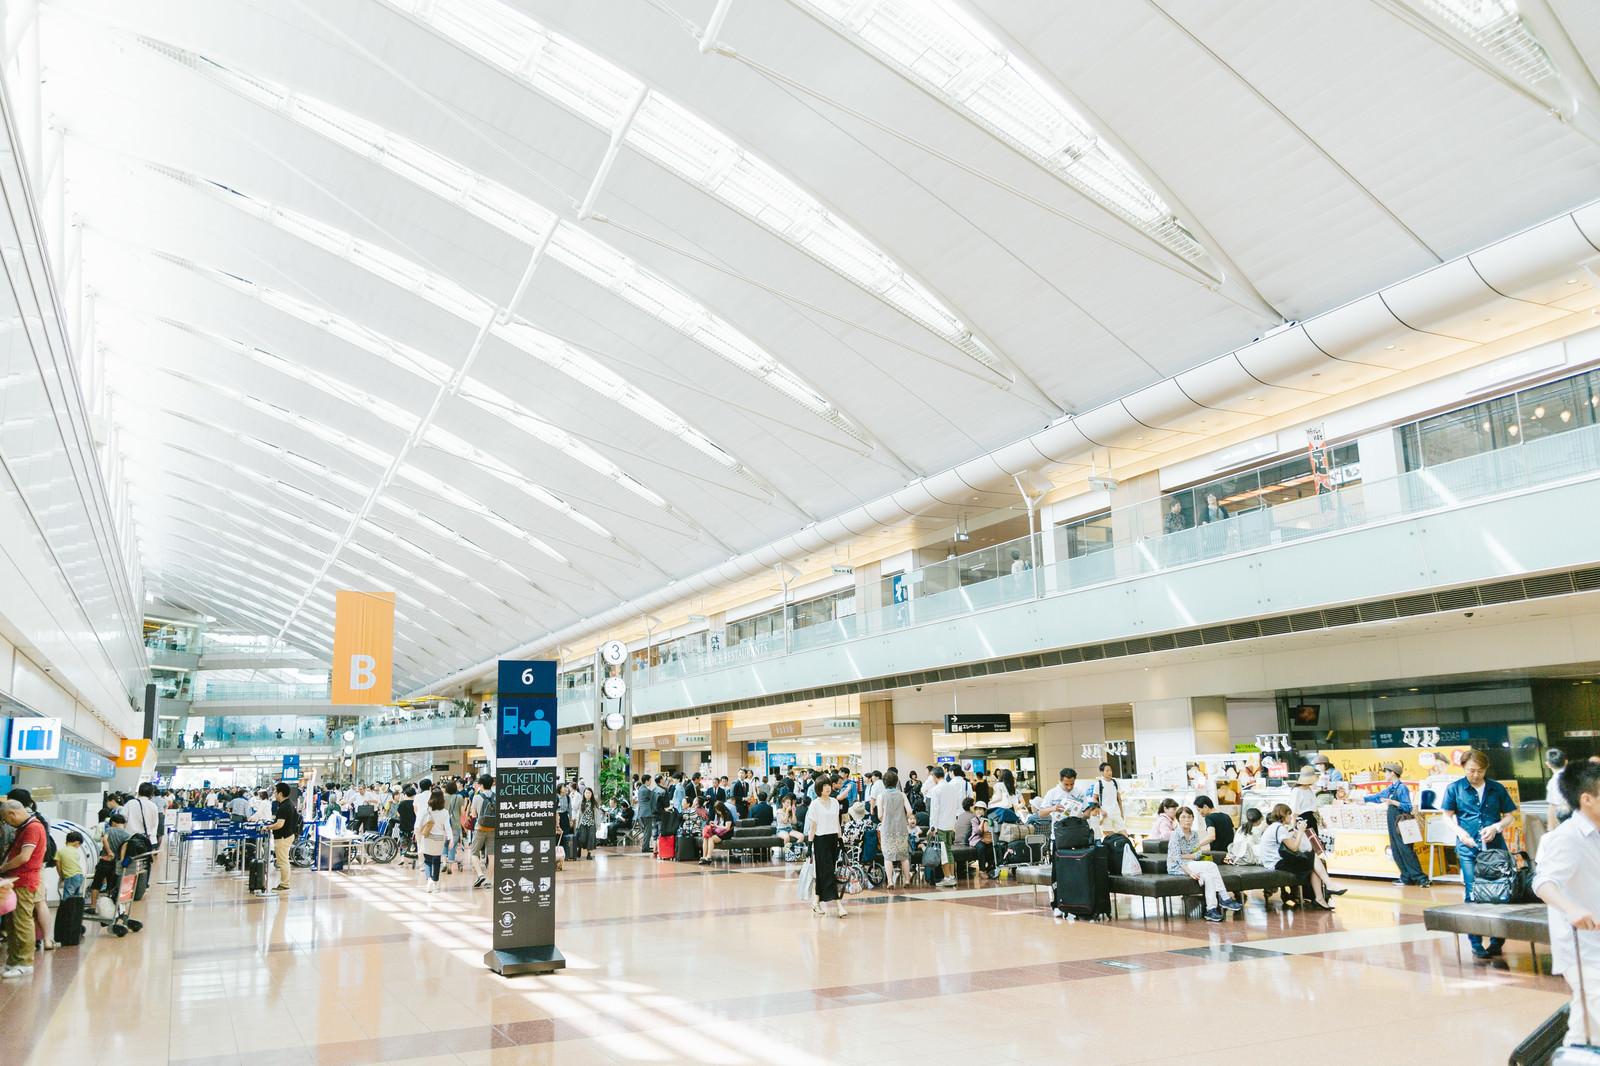 「羽田空港第2ターミナル」の写真